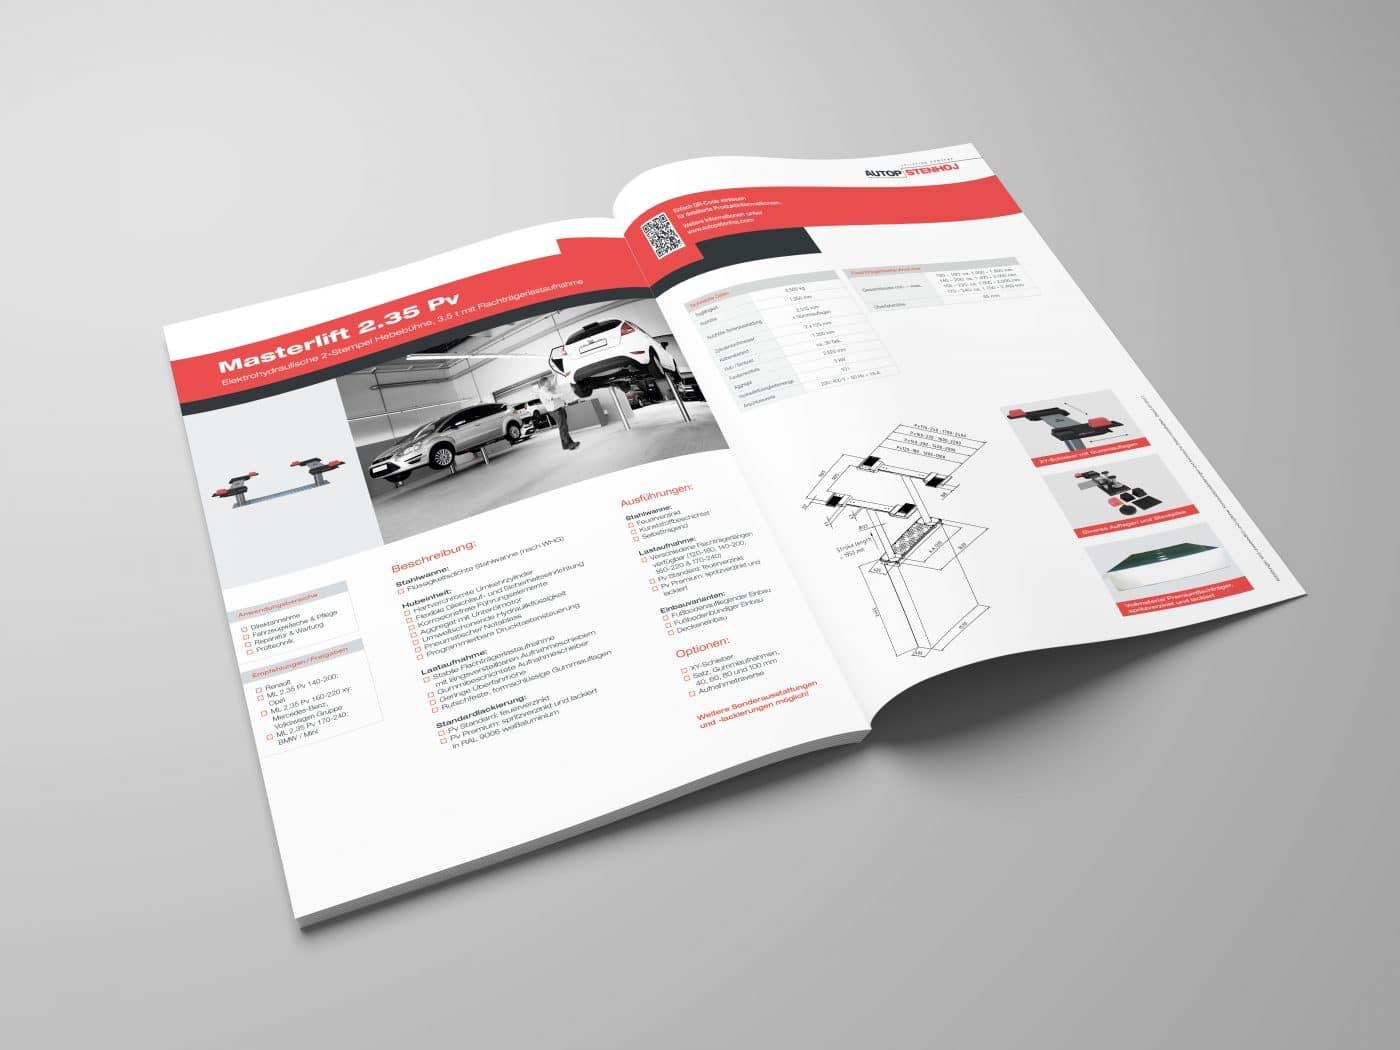 autop broschuere 4 1 - Eine Marke auf dem Weg nach oben – Corporate Design, Grafikdesign, Kommunikationsdesign, Branding, Markenentwicklung, Editorial Design